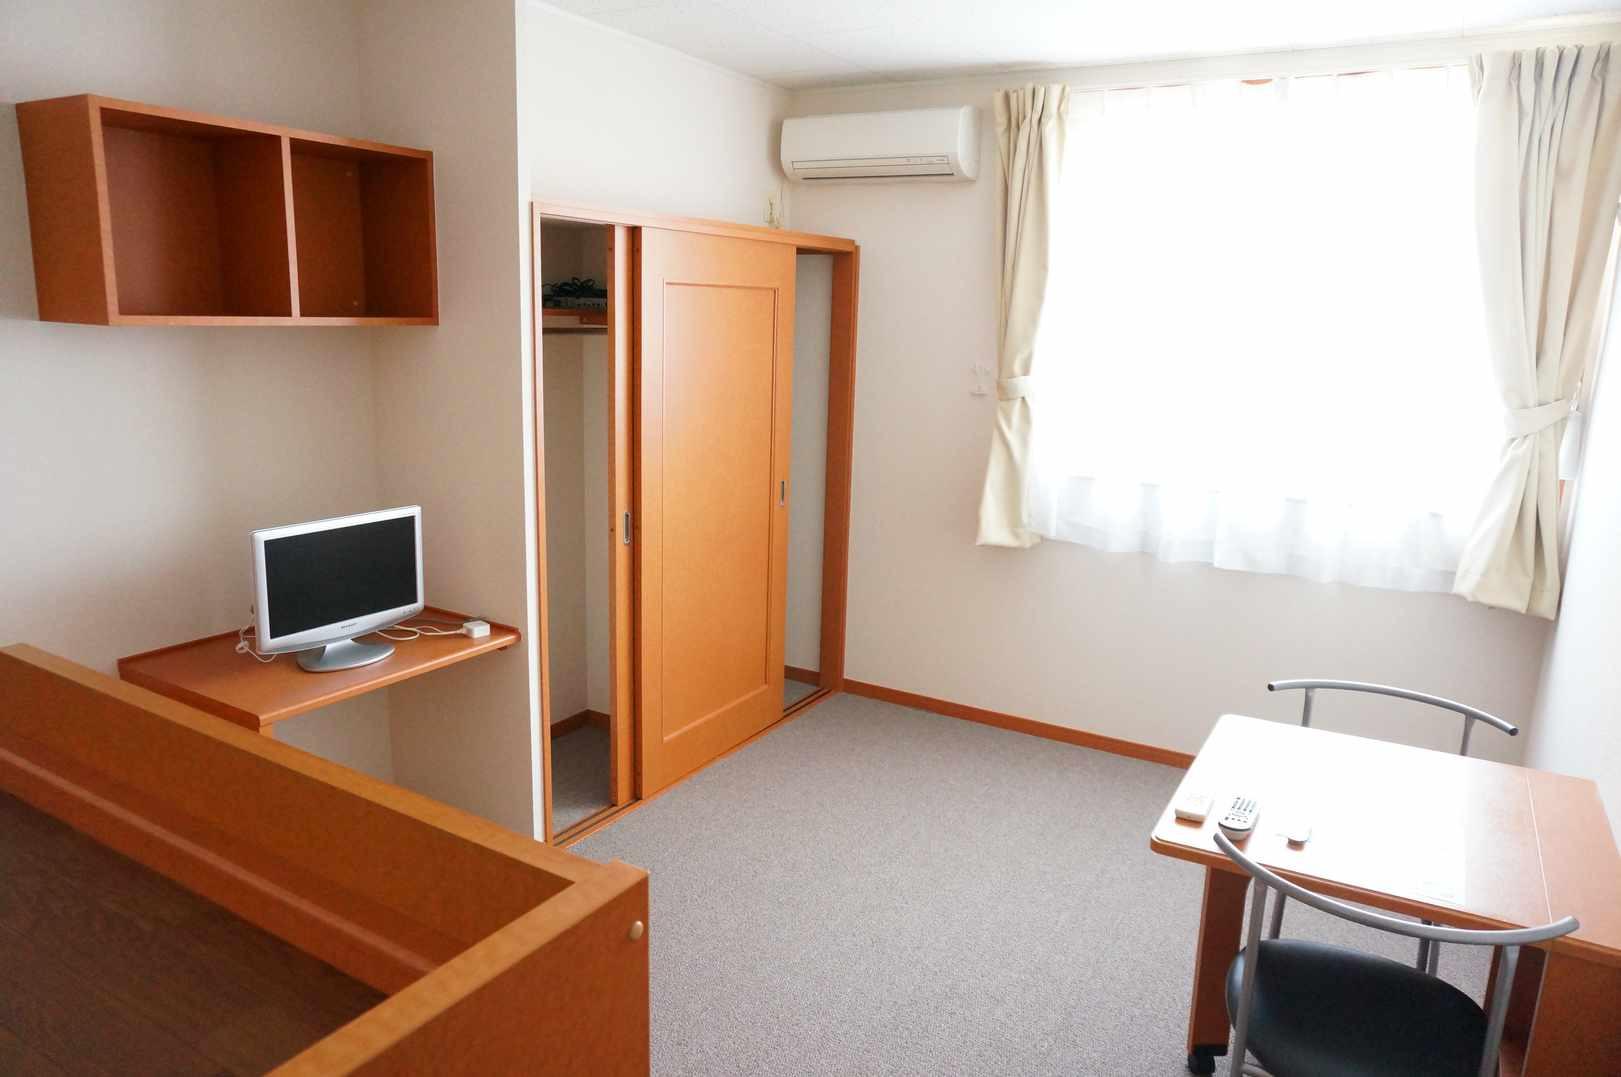 2階はカーペットのお部屋となります